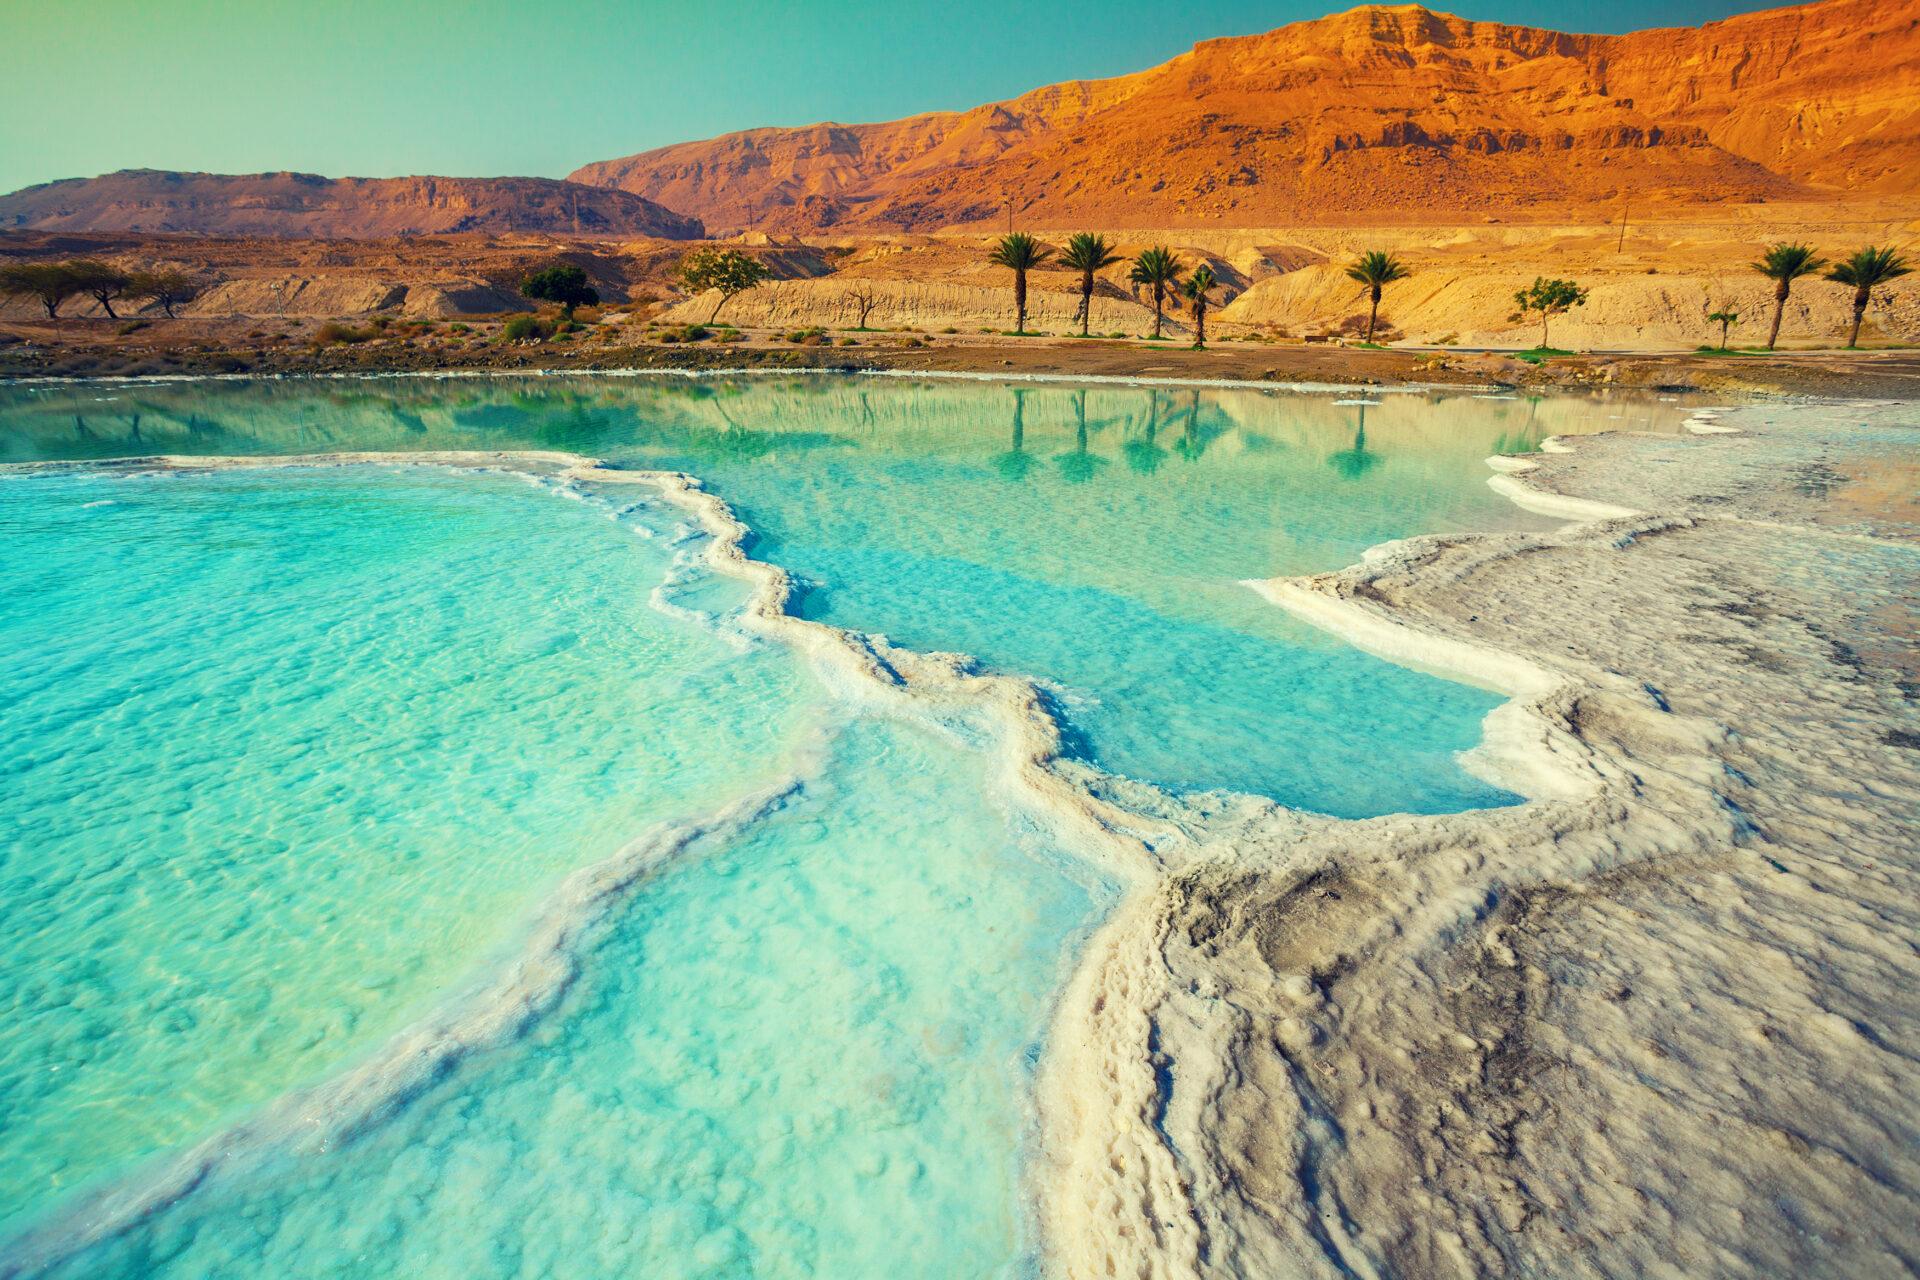 IL_Dead Sea_salty shore_RF_ss369596609